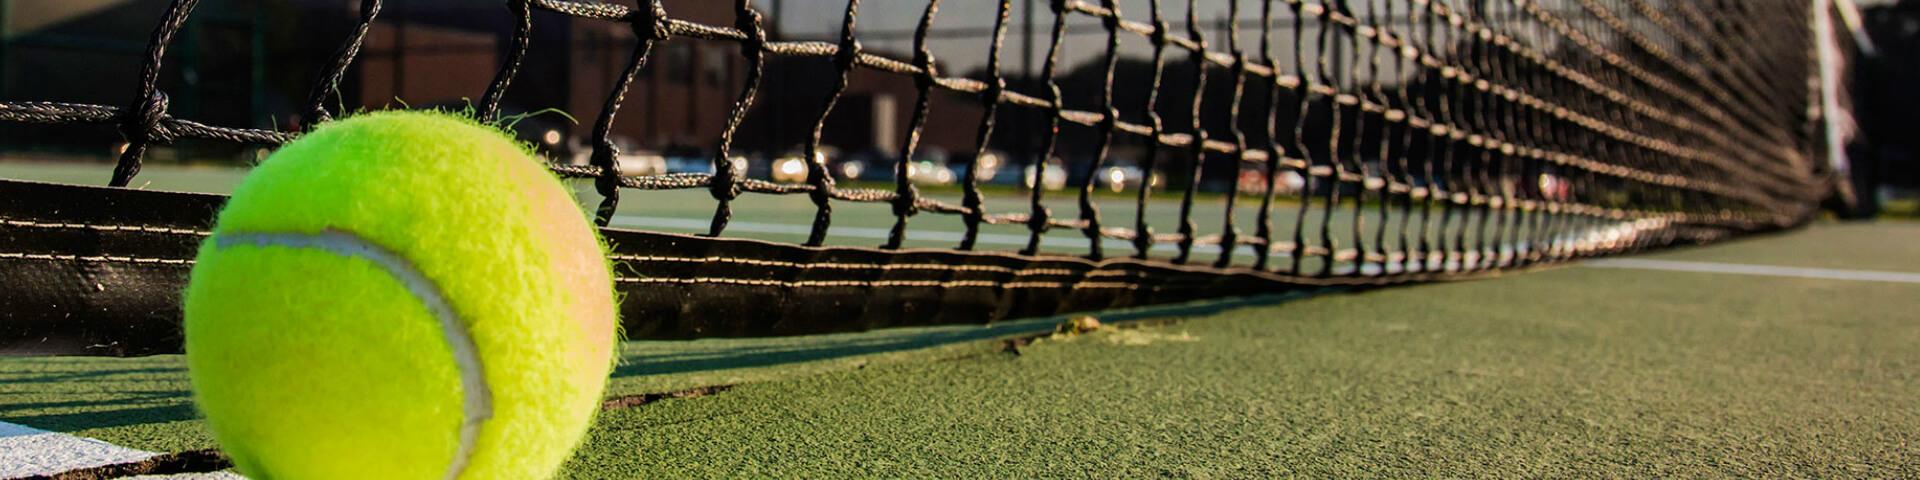 Теннисиста Бенджамина Дху дисквалифицировали за ставки на спорт